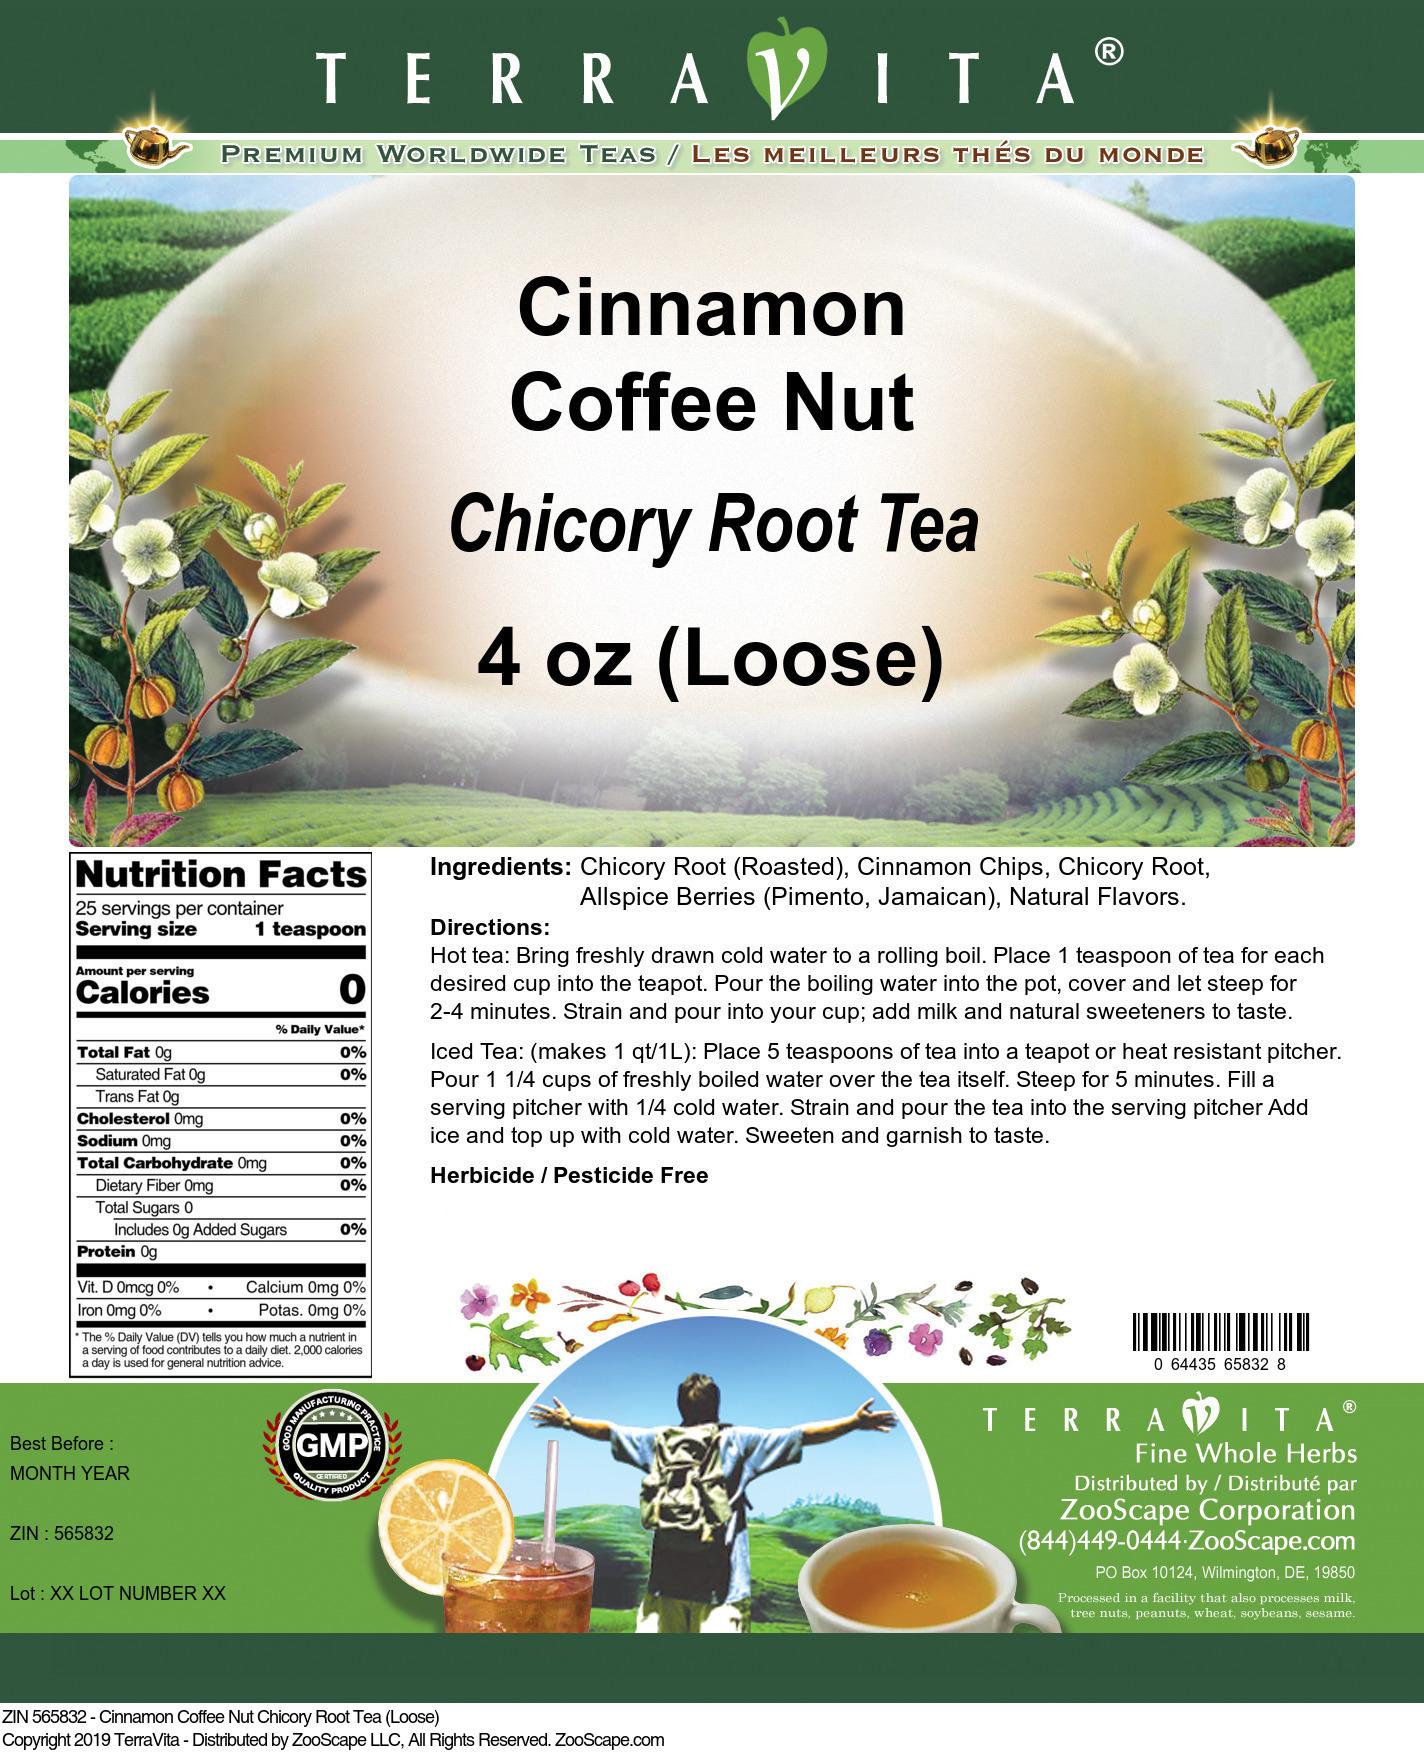 Cinnamon Coffee Nut Chicory Root Tea (Loose)